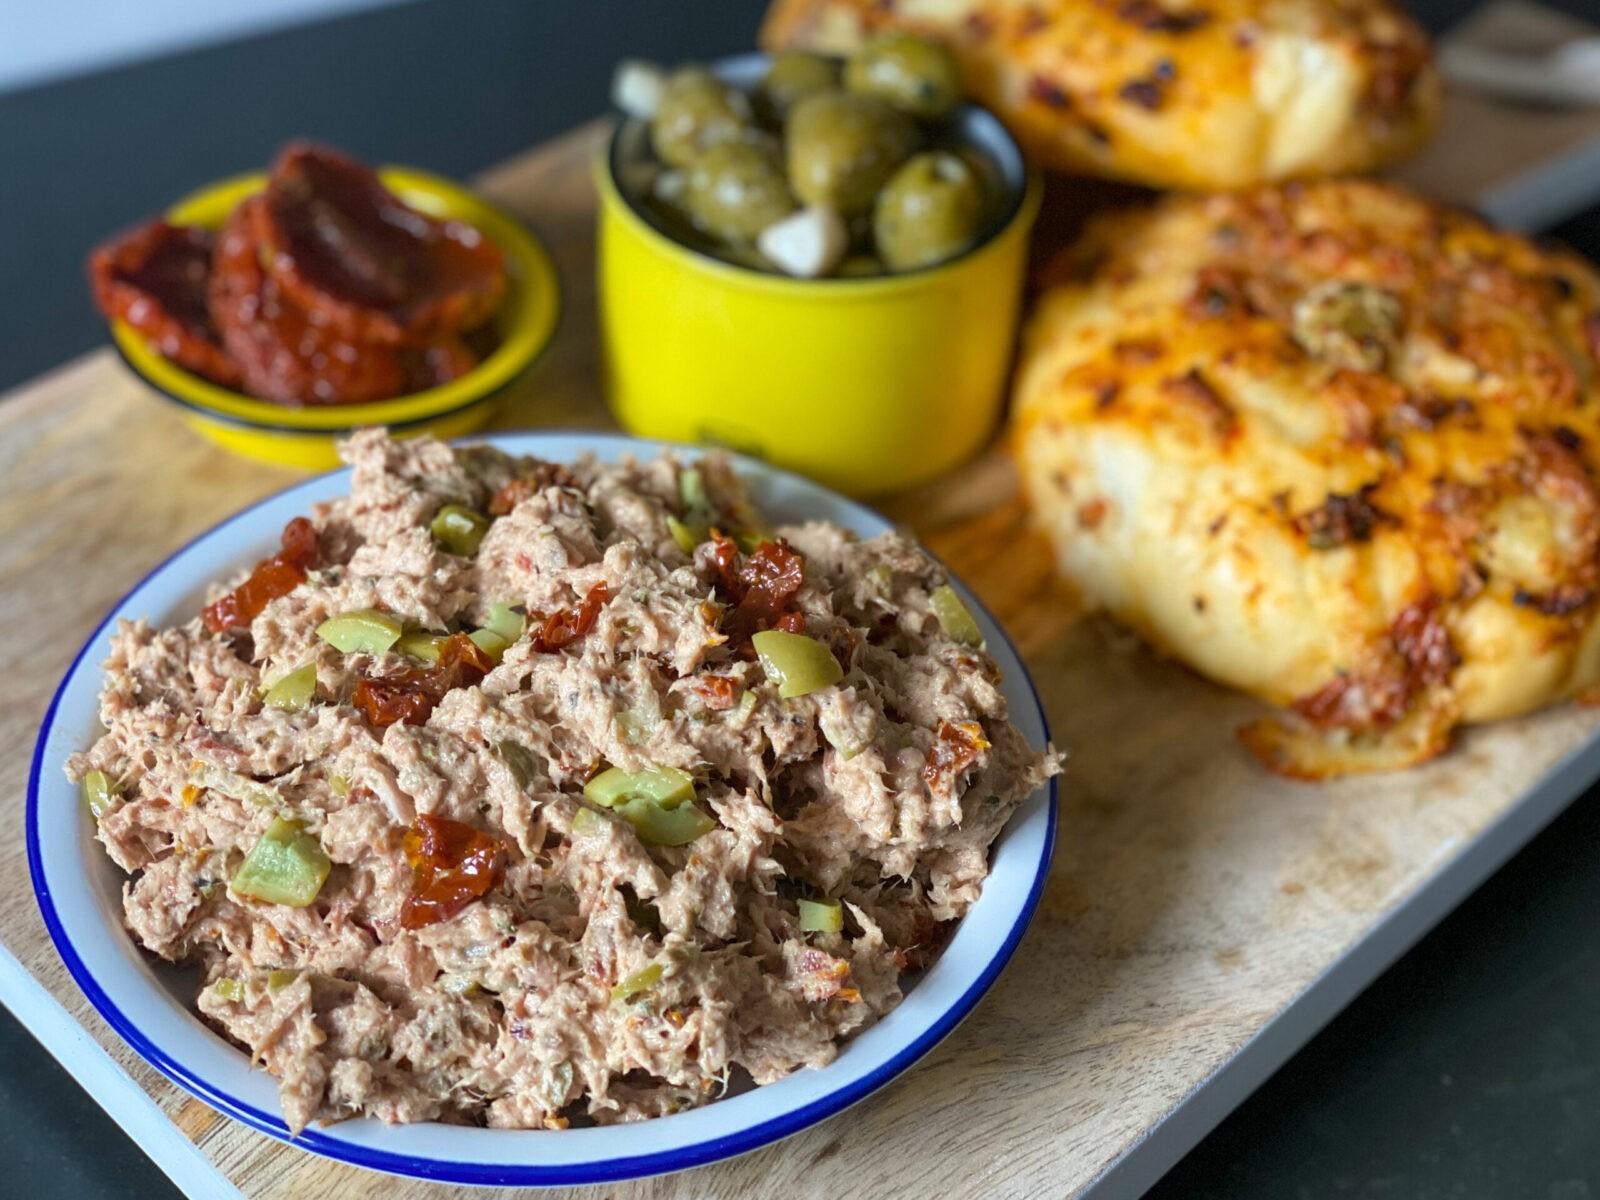 tonijnsalade met zongedroogde tomaat en olijven